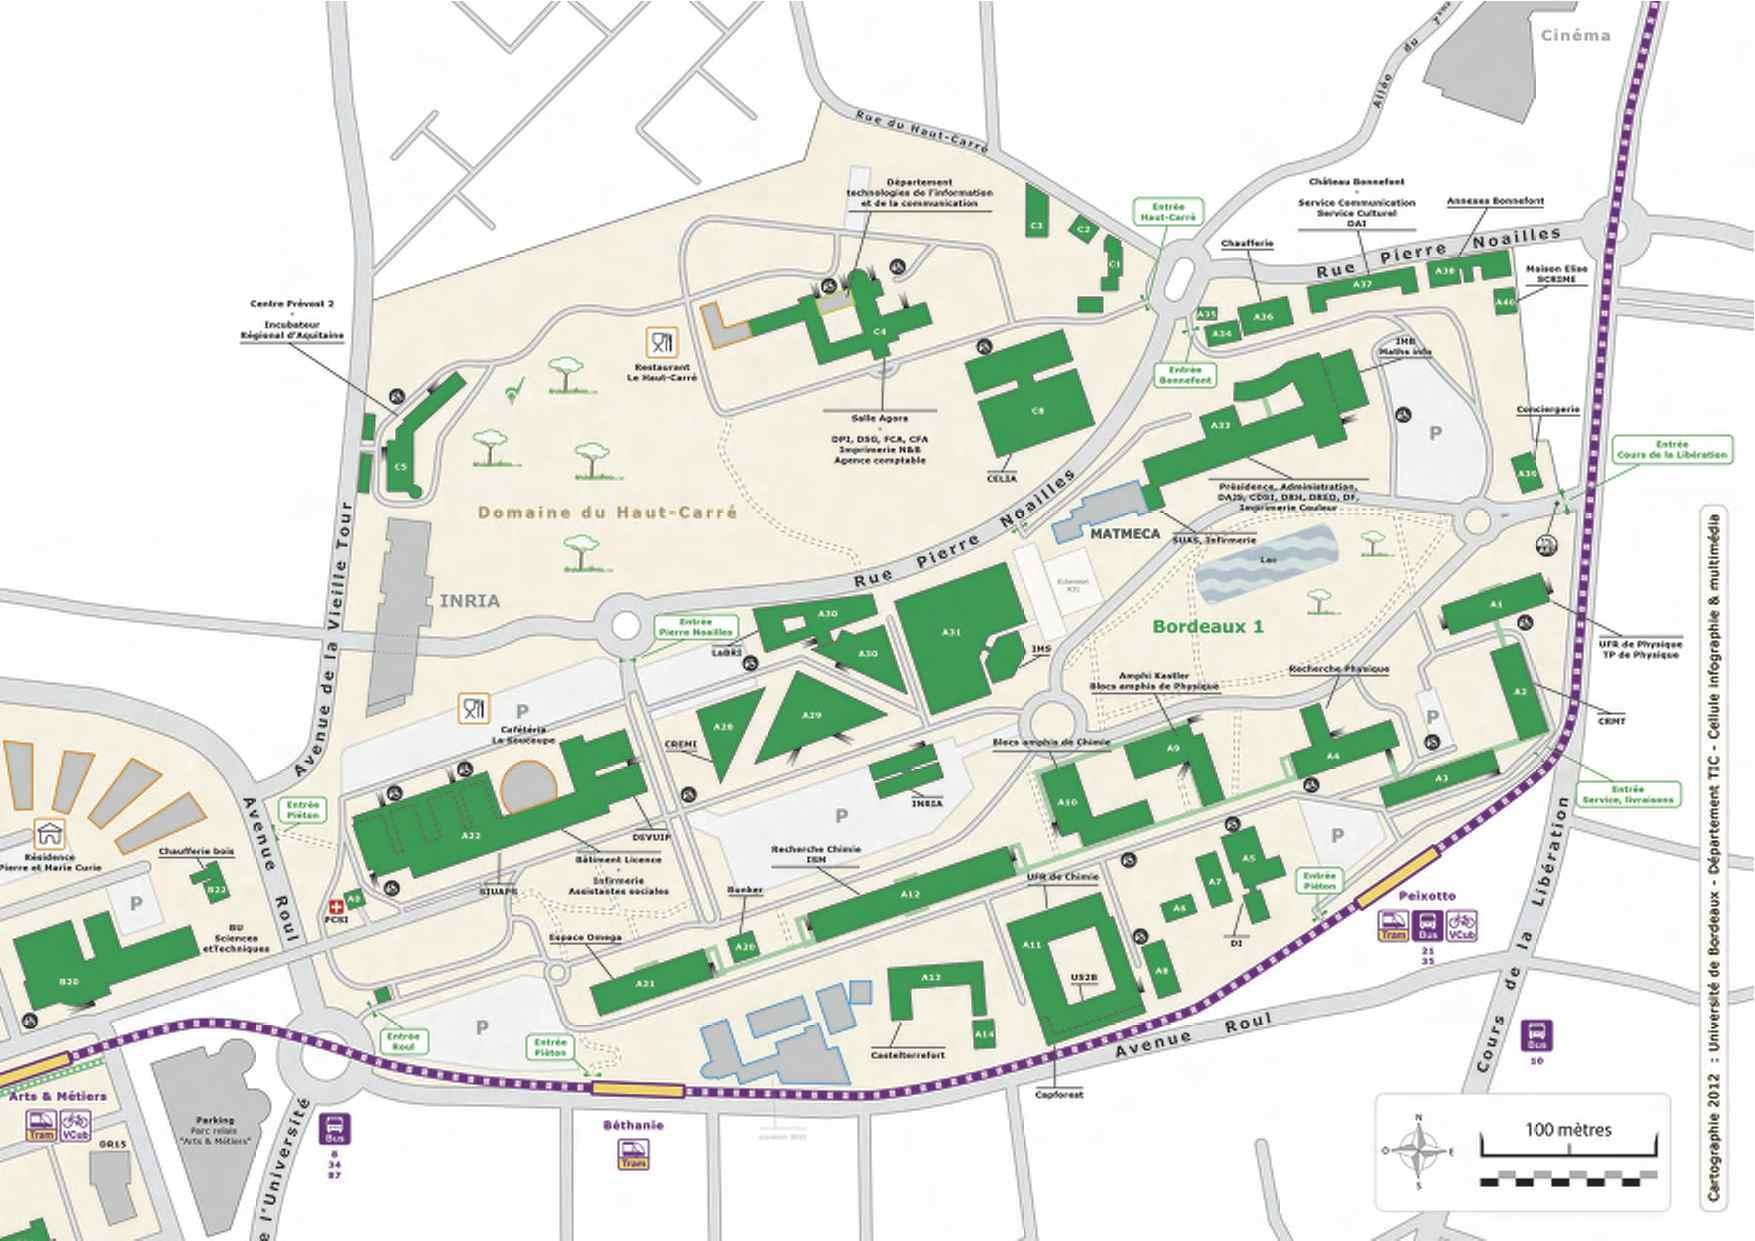 Carte Universite Bordeaux.Rencontre Smai Math Industrie 2013 Fiabilite Et Surete De